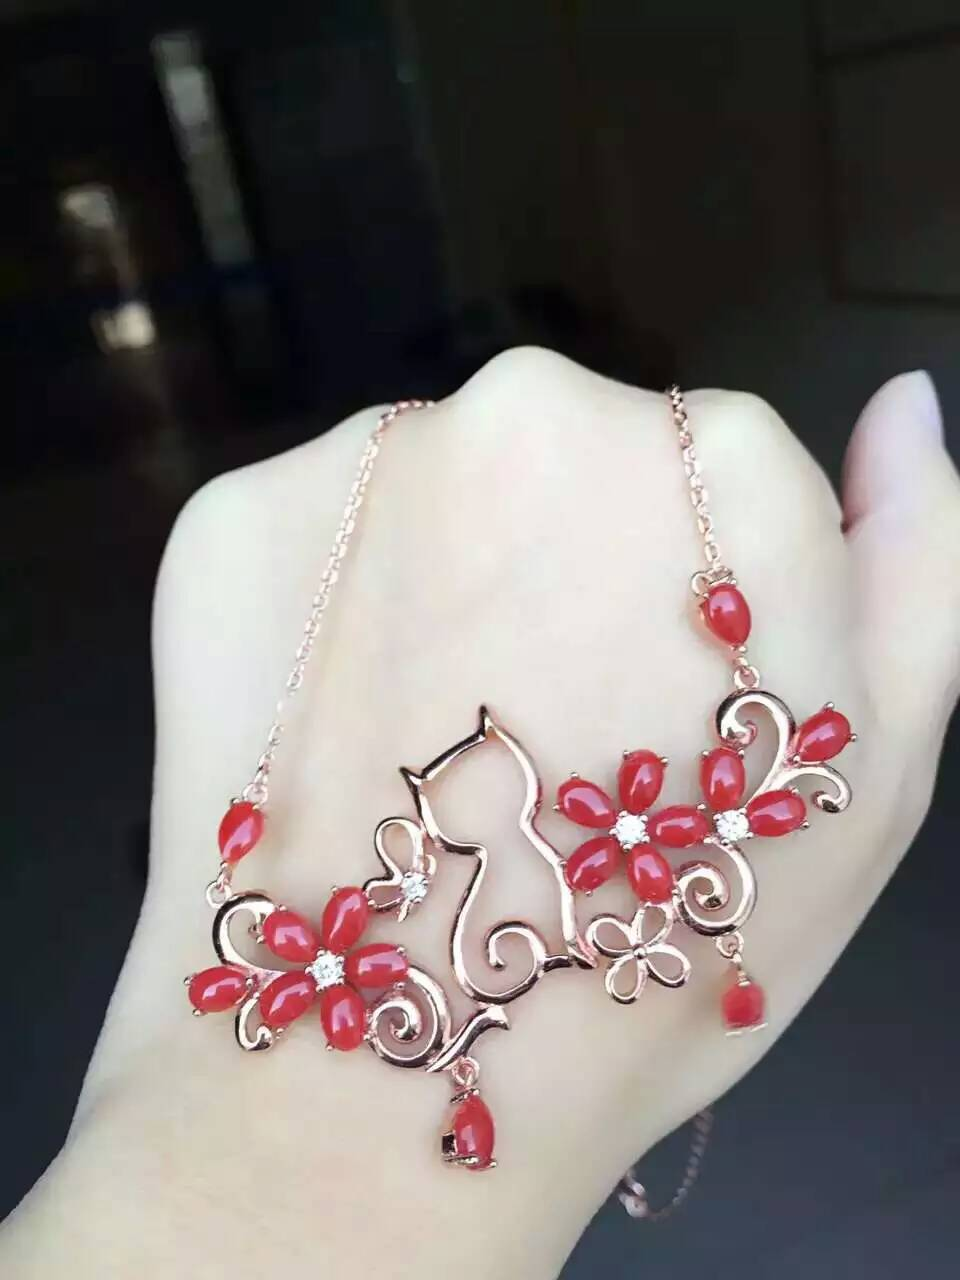 Collar de coral precioso rojo Natural colgante de piedras preciosas naturales Collar de plata S925 elegante jardín gato mujer joyería - 2